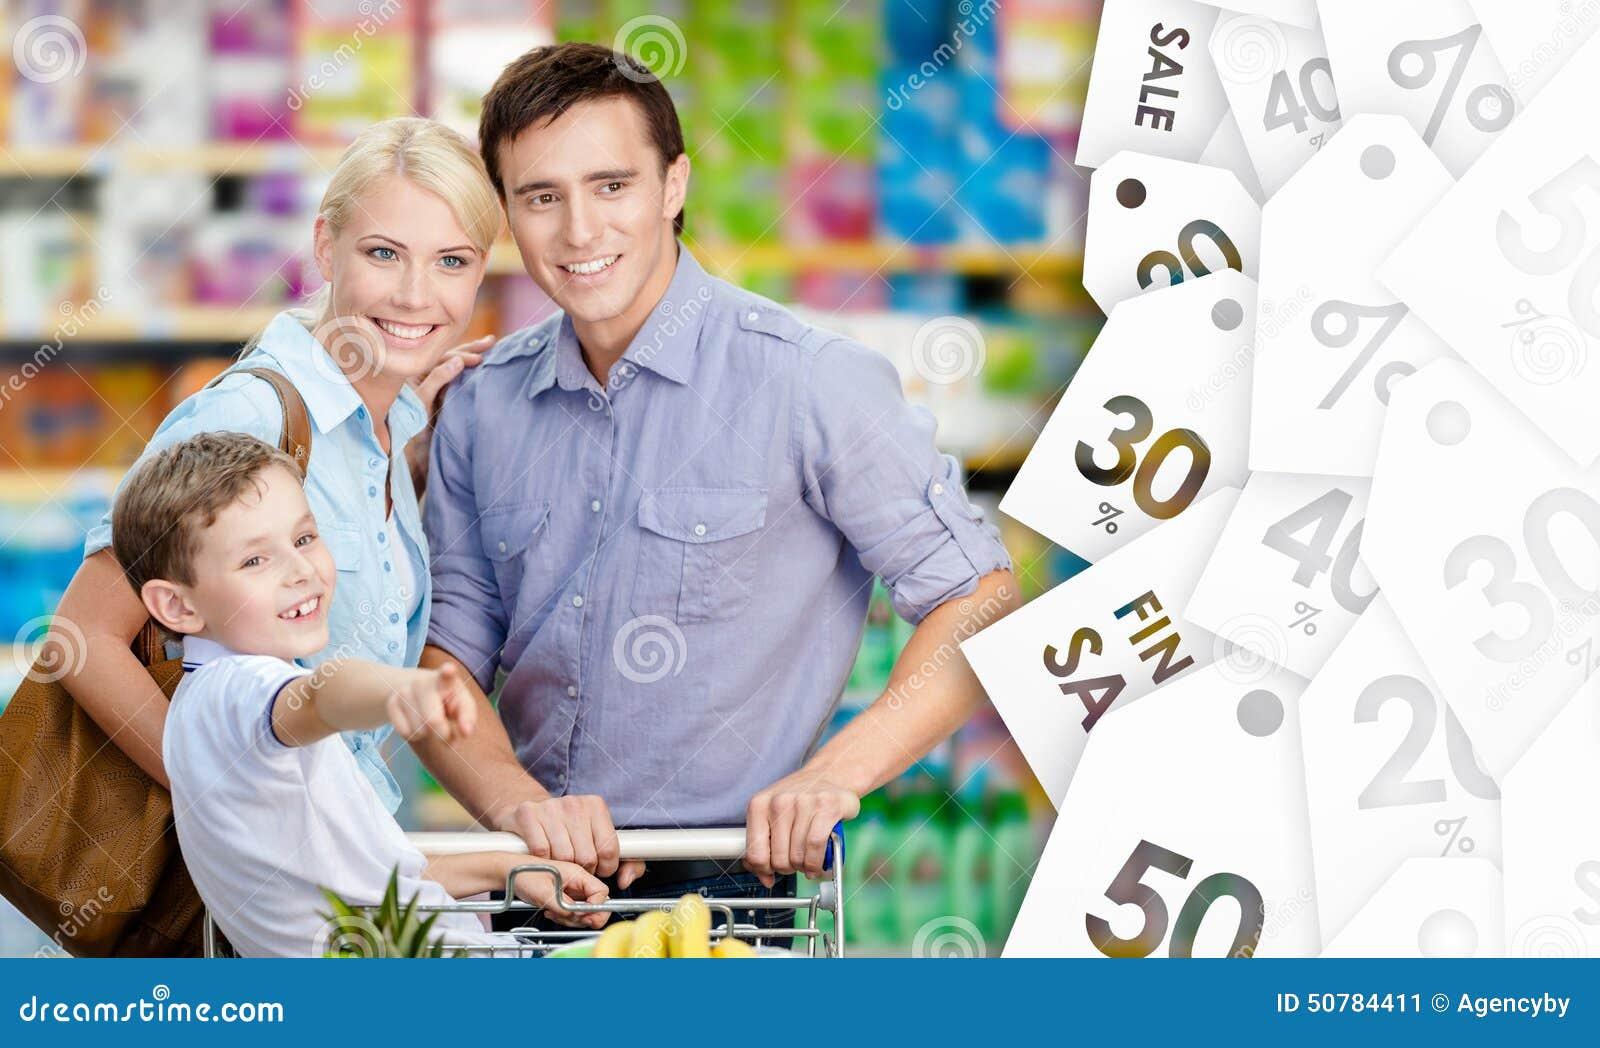 Portret van gelukkige familie in de winkel